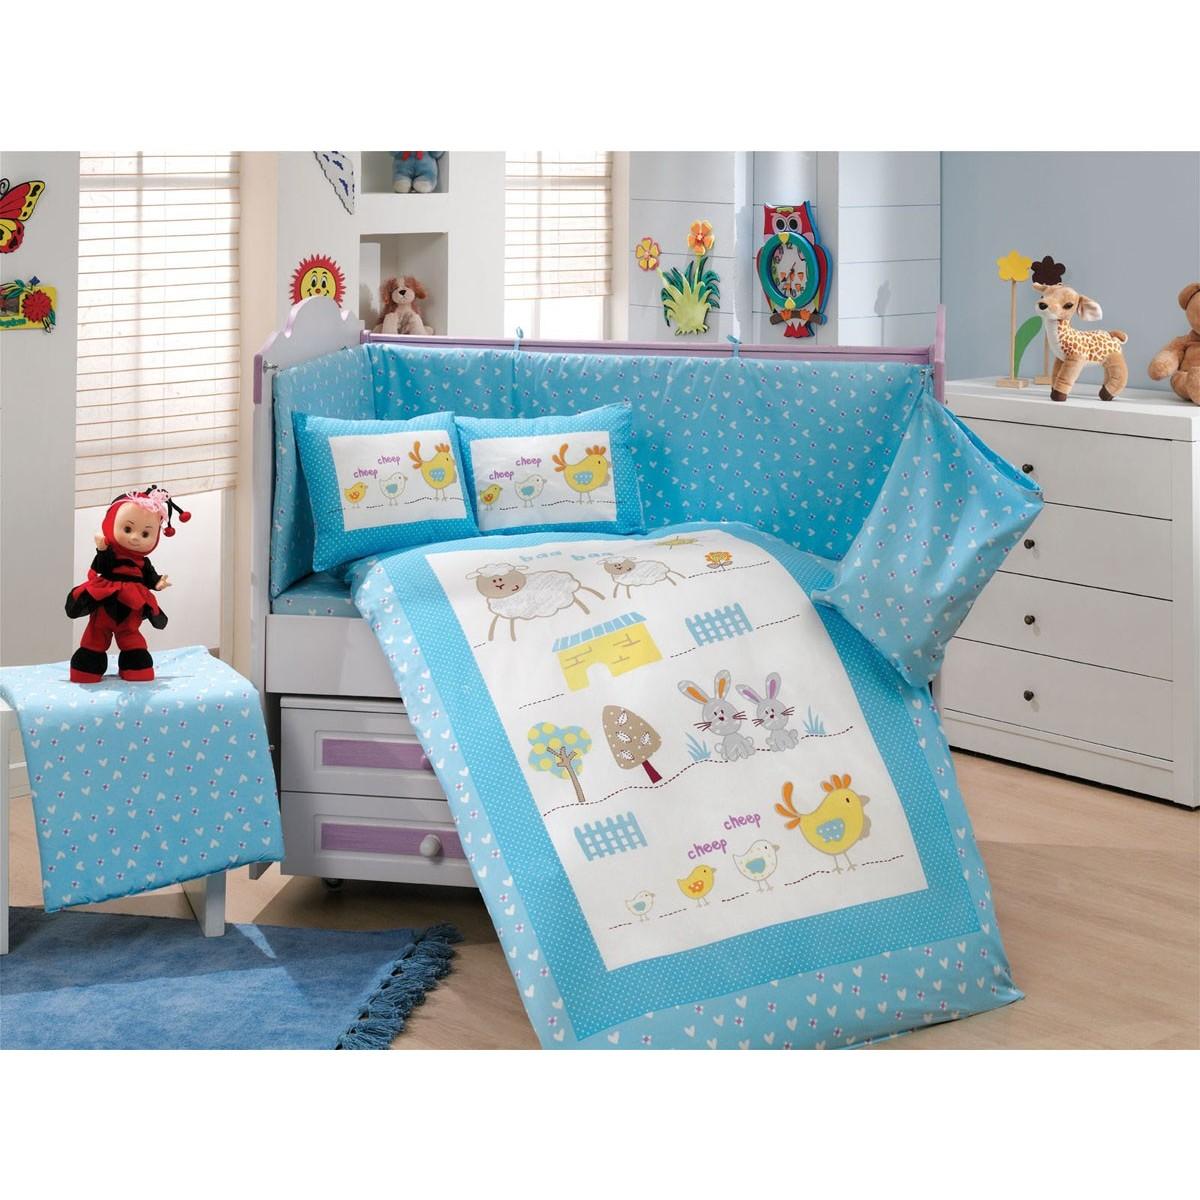 Комплект Постельного Белья В Кроватку Hobby Home Collection Zoo 1607001260 Поплин